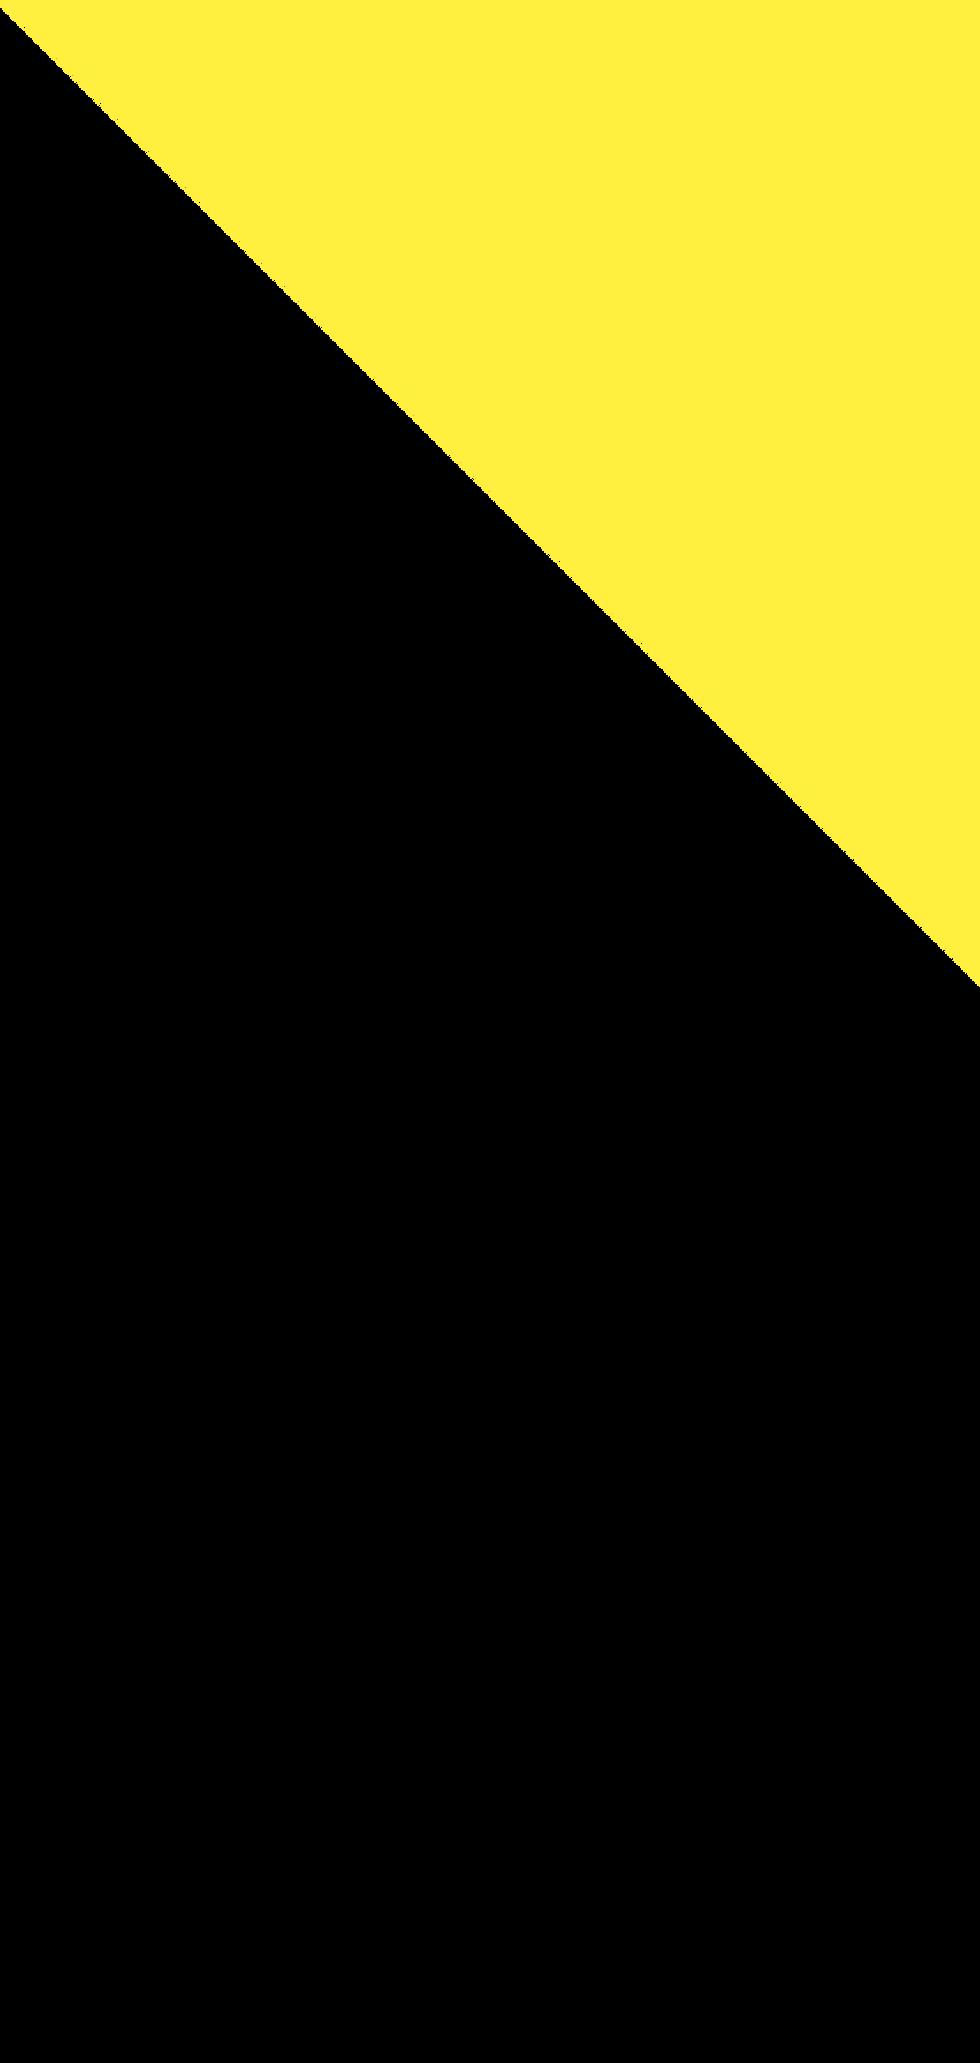 keltainen_tausta_03.png